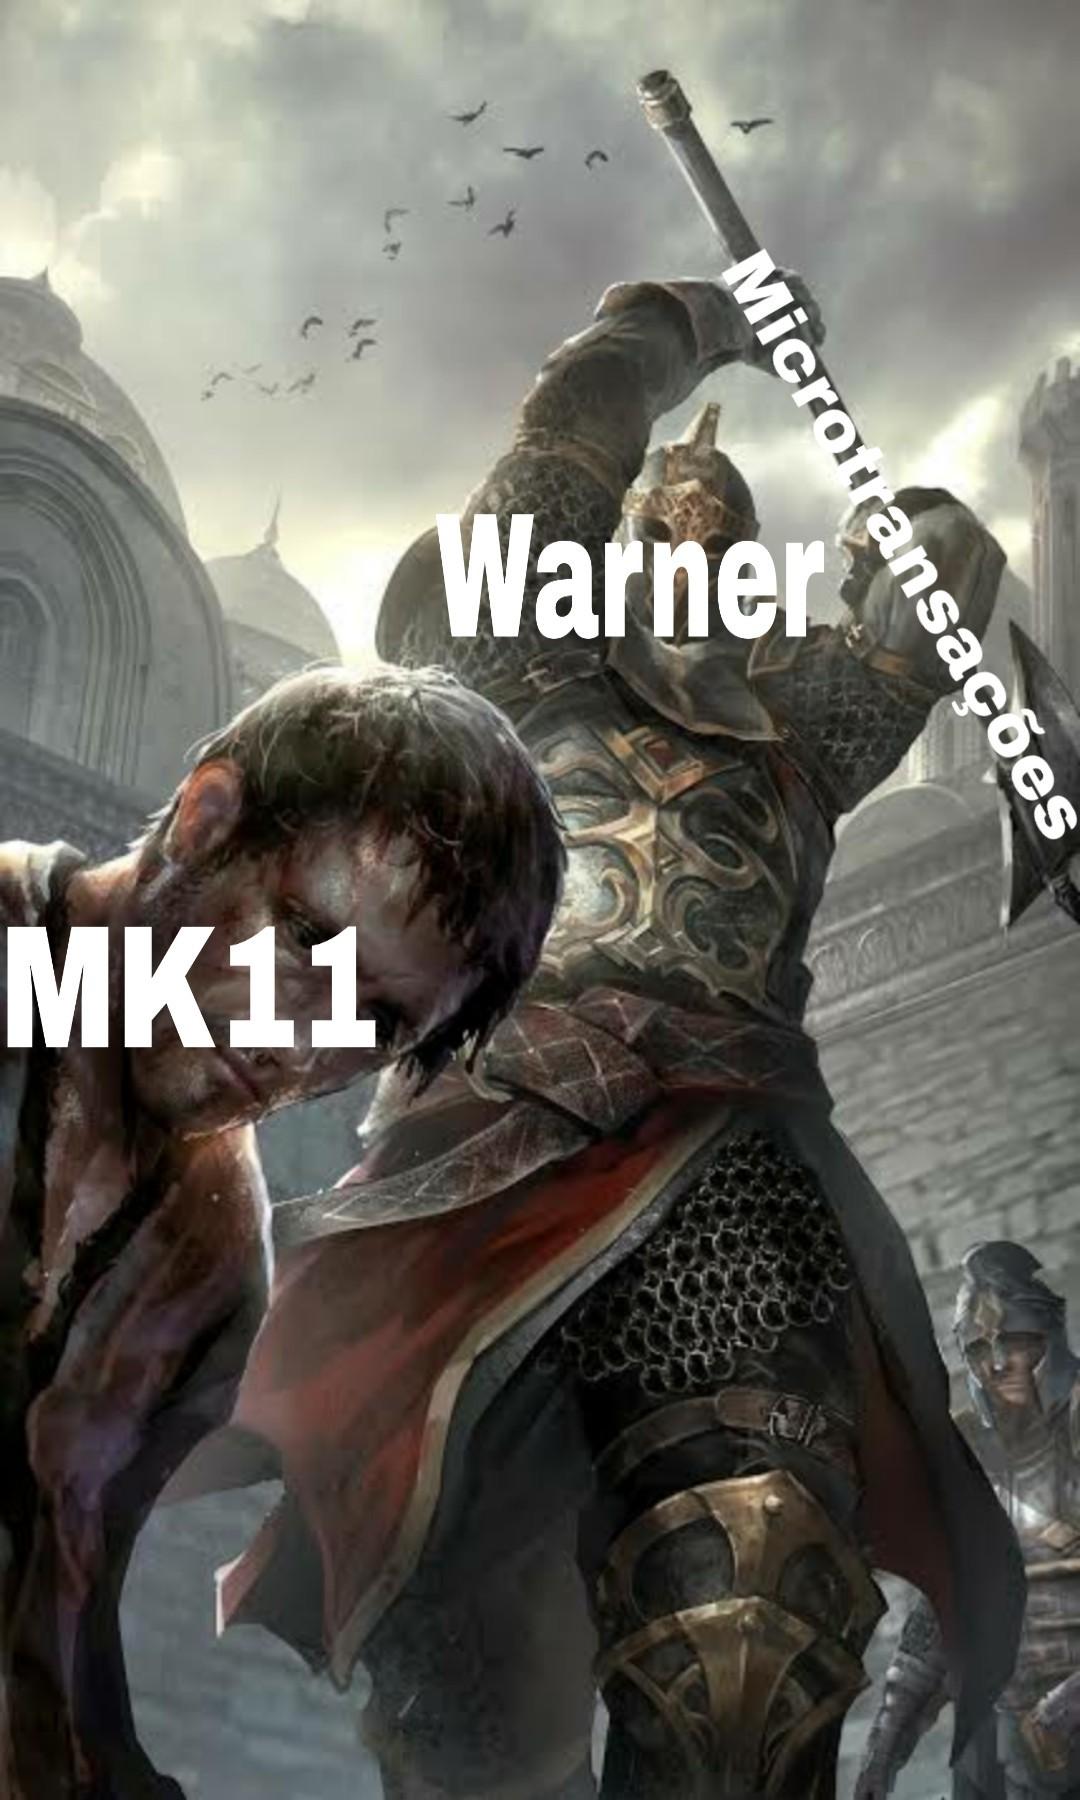 Warner fudendo dnv - meme